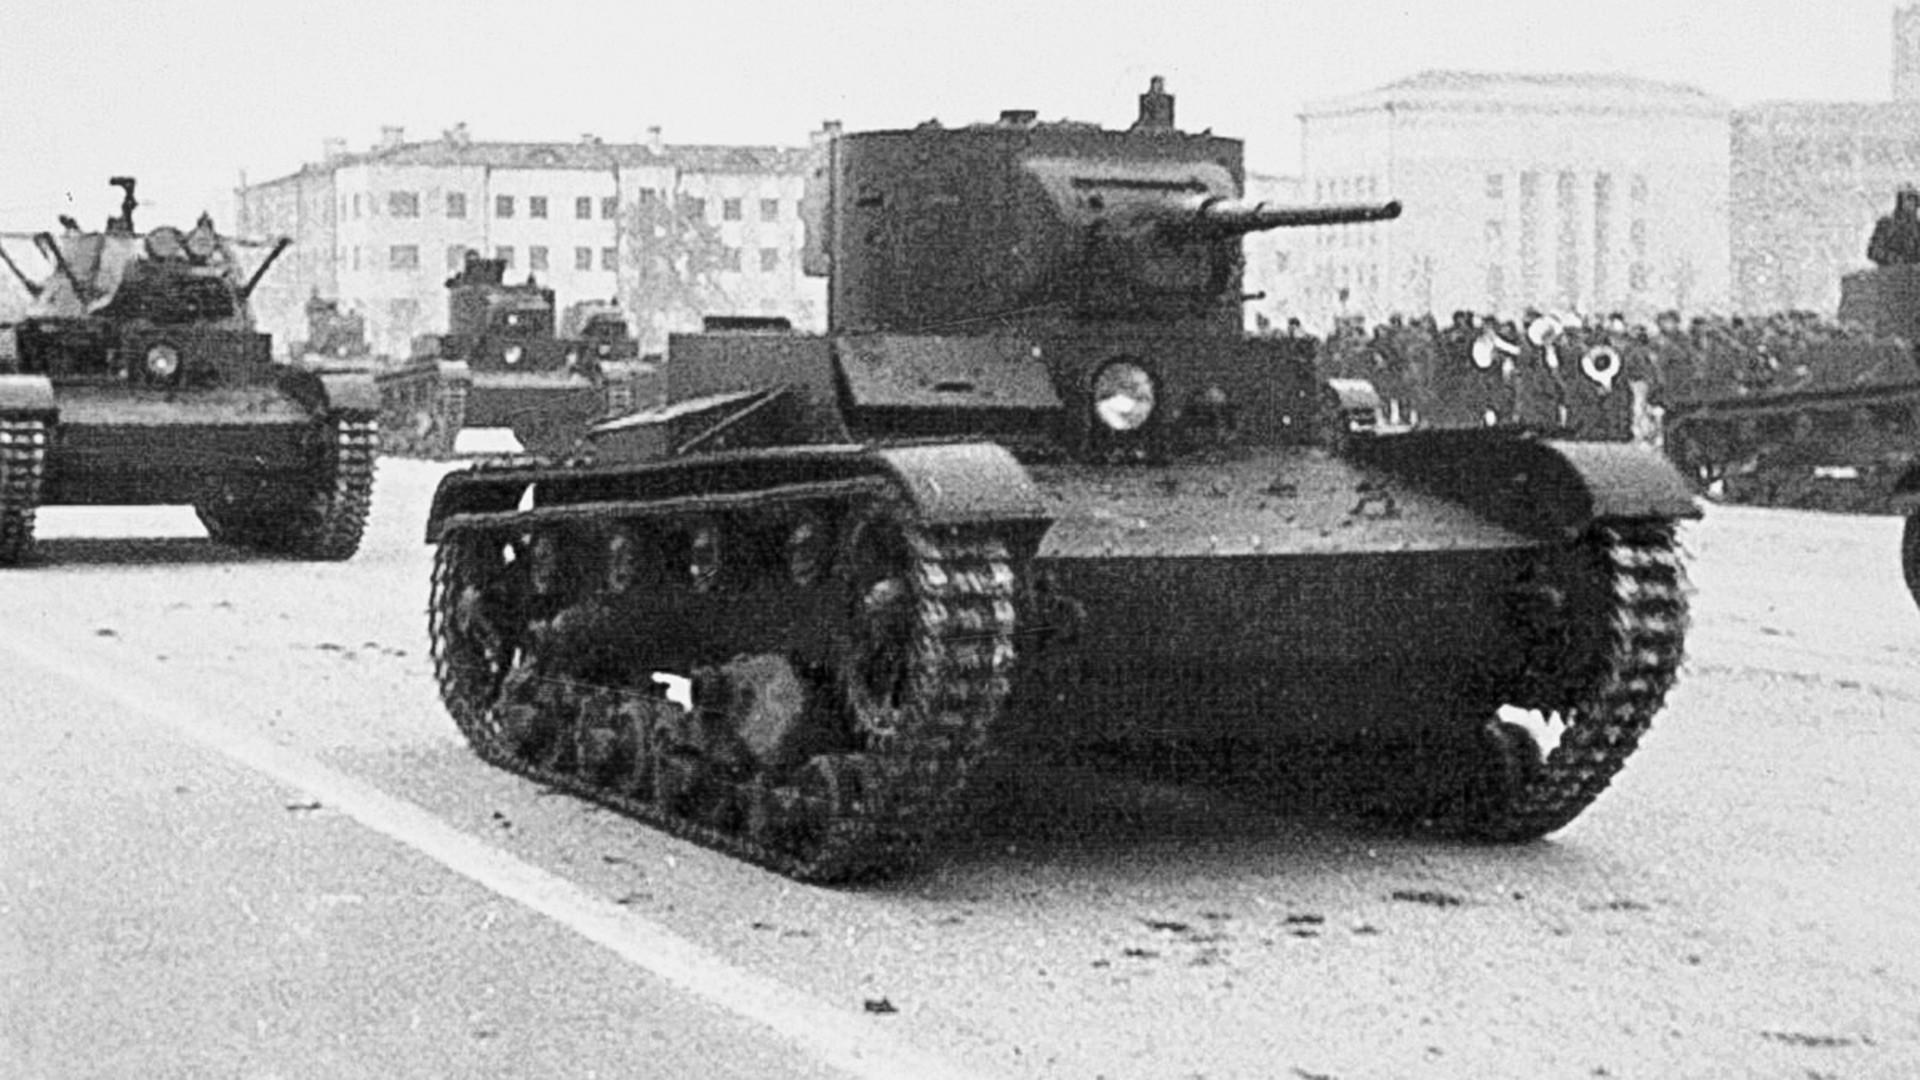 Tanques ligeros T-26. Desfile militar en Kúibishev el 7 de noviembre de 1941